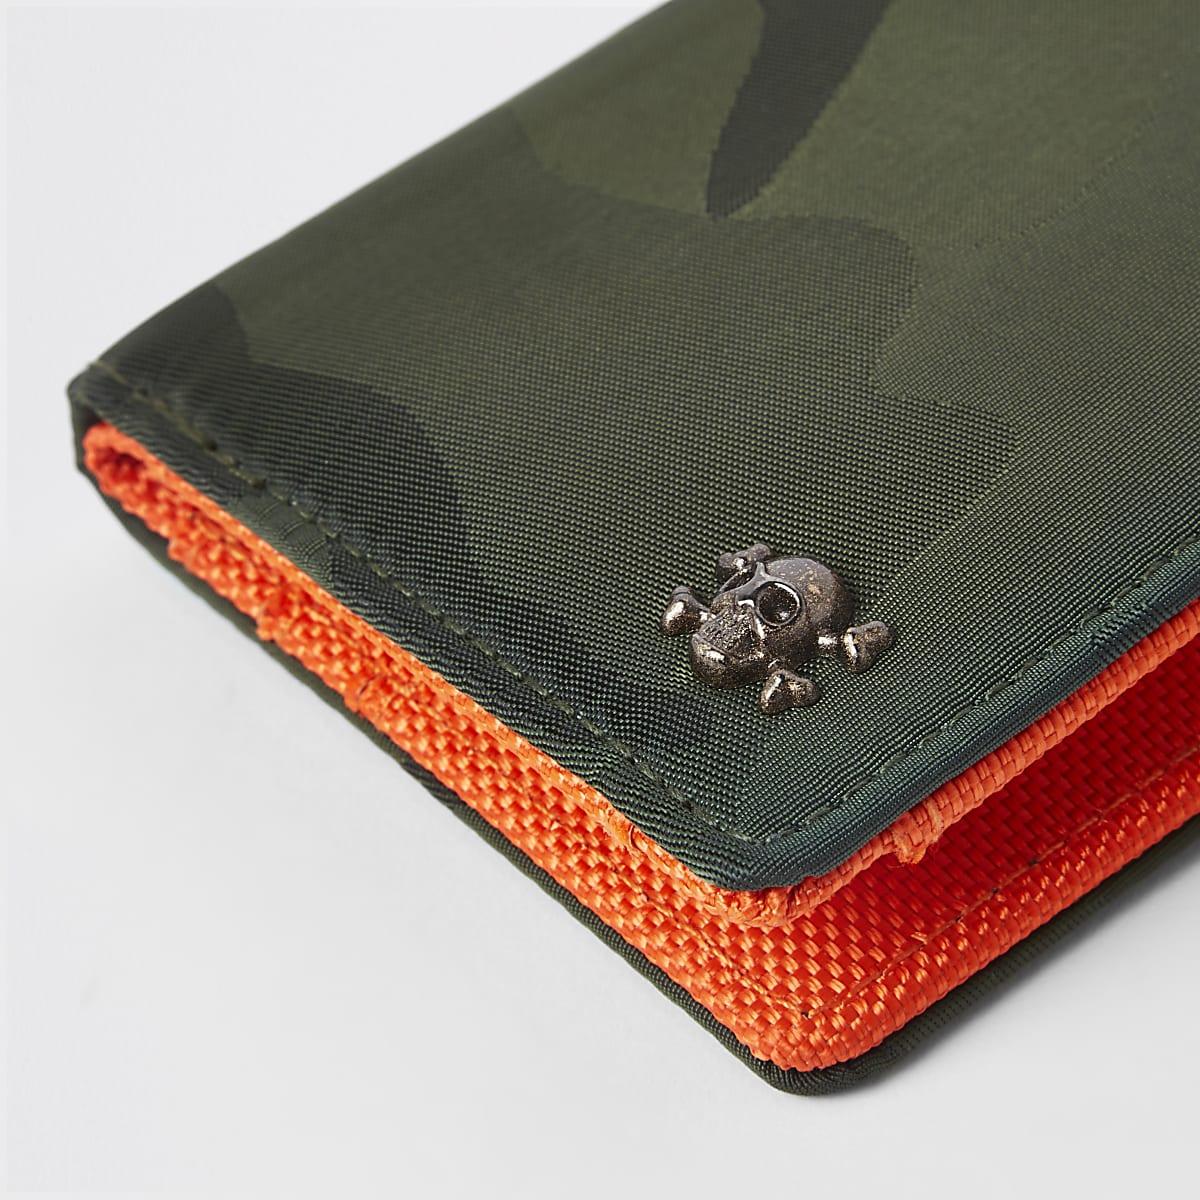 Portemonnee Jongens.Kaki Uitvouwbare Portemonnee Met Camouflageprint Voor Jongens